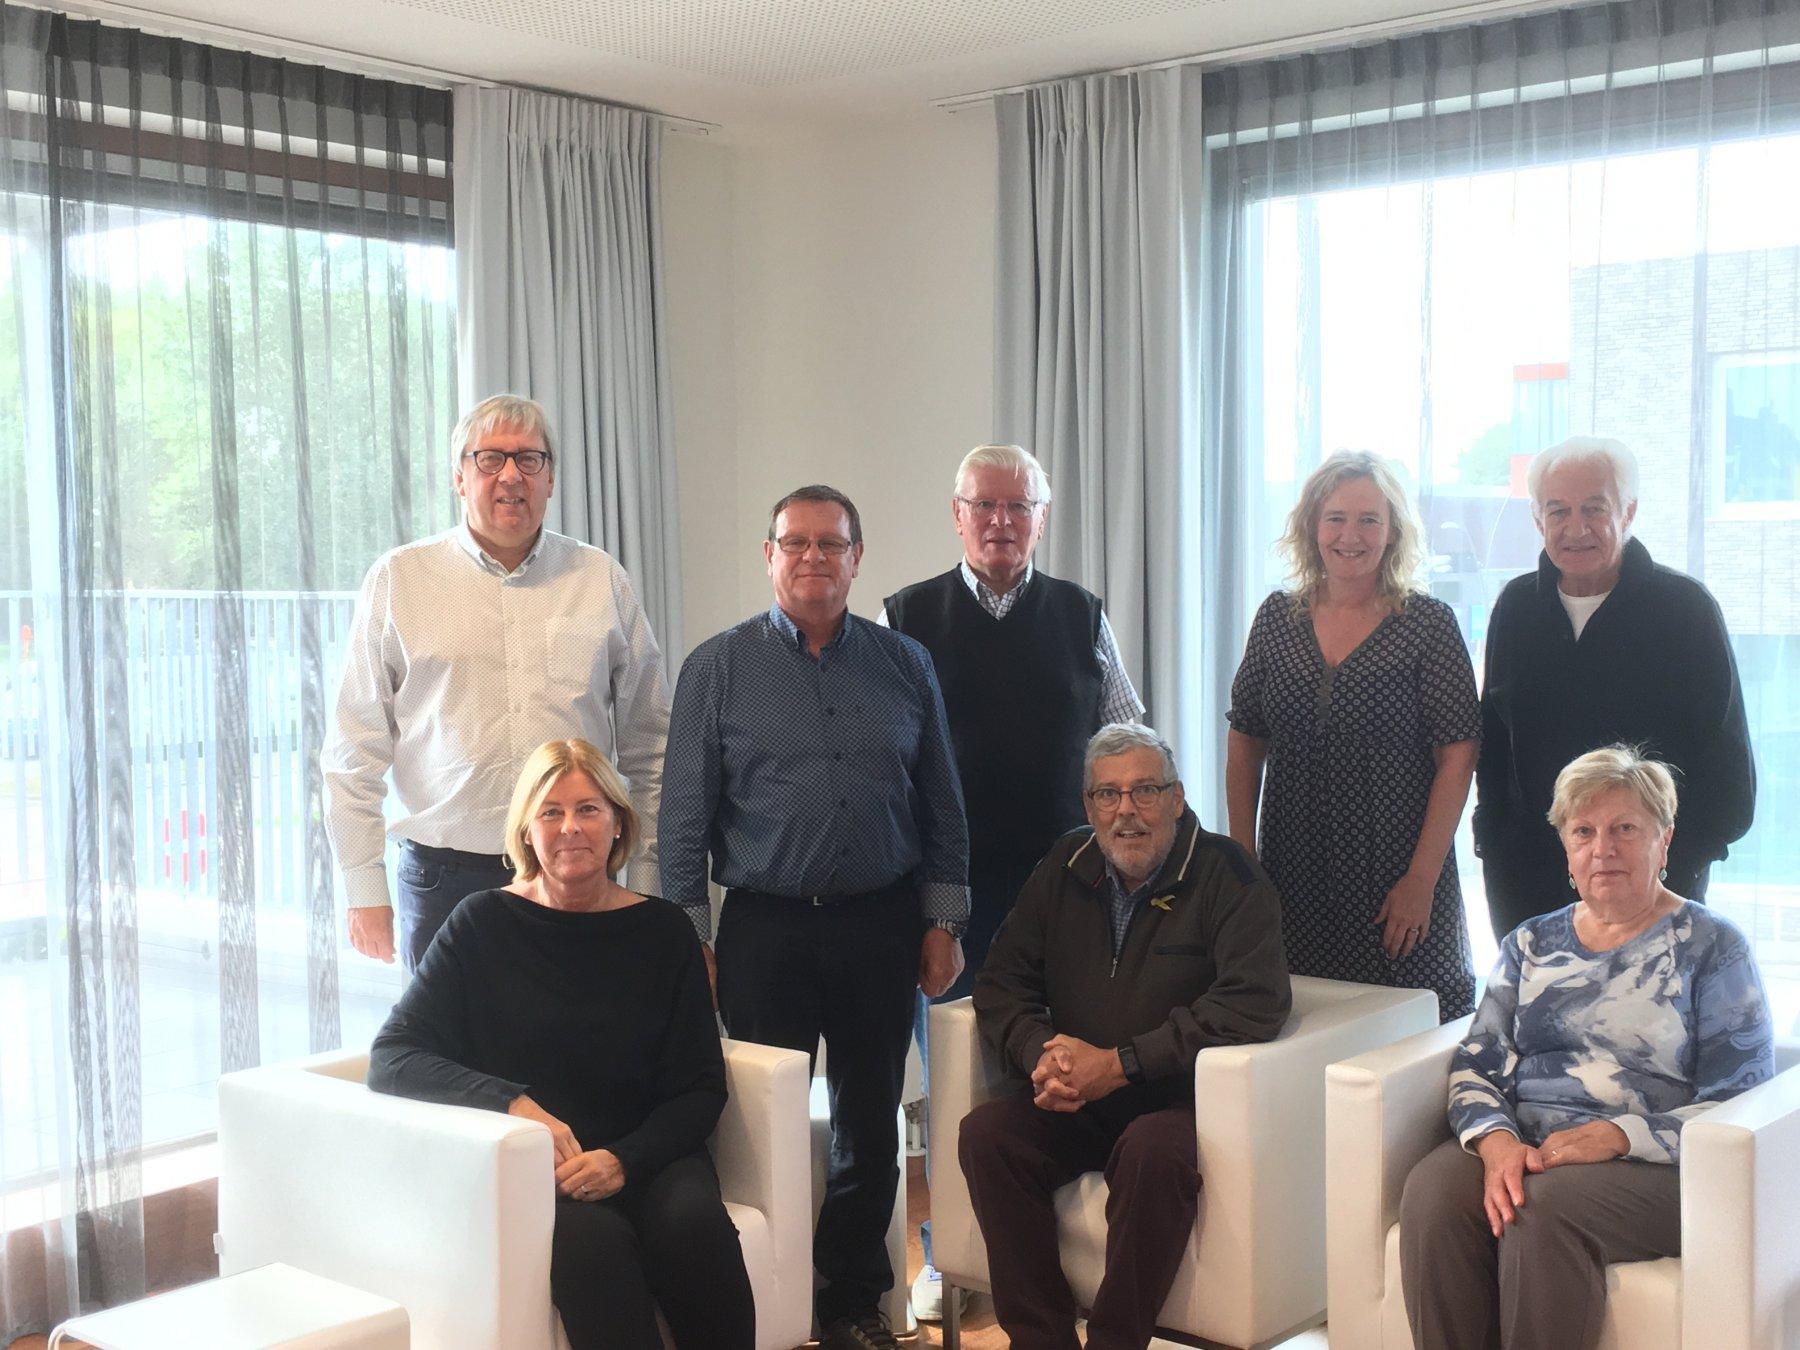 De werkgroep 'vereenzaming opsporen' Seniorenadviesraad Koksijde